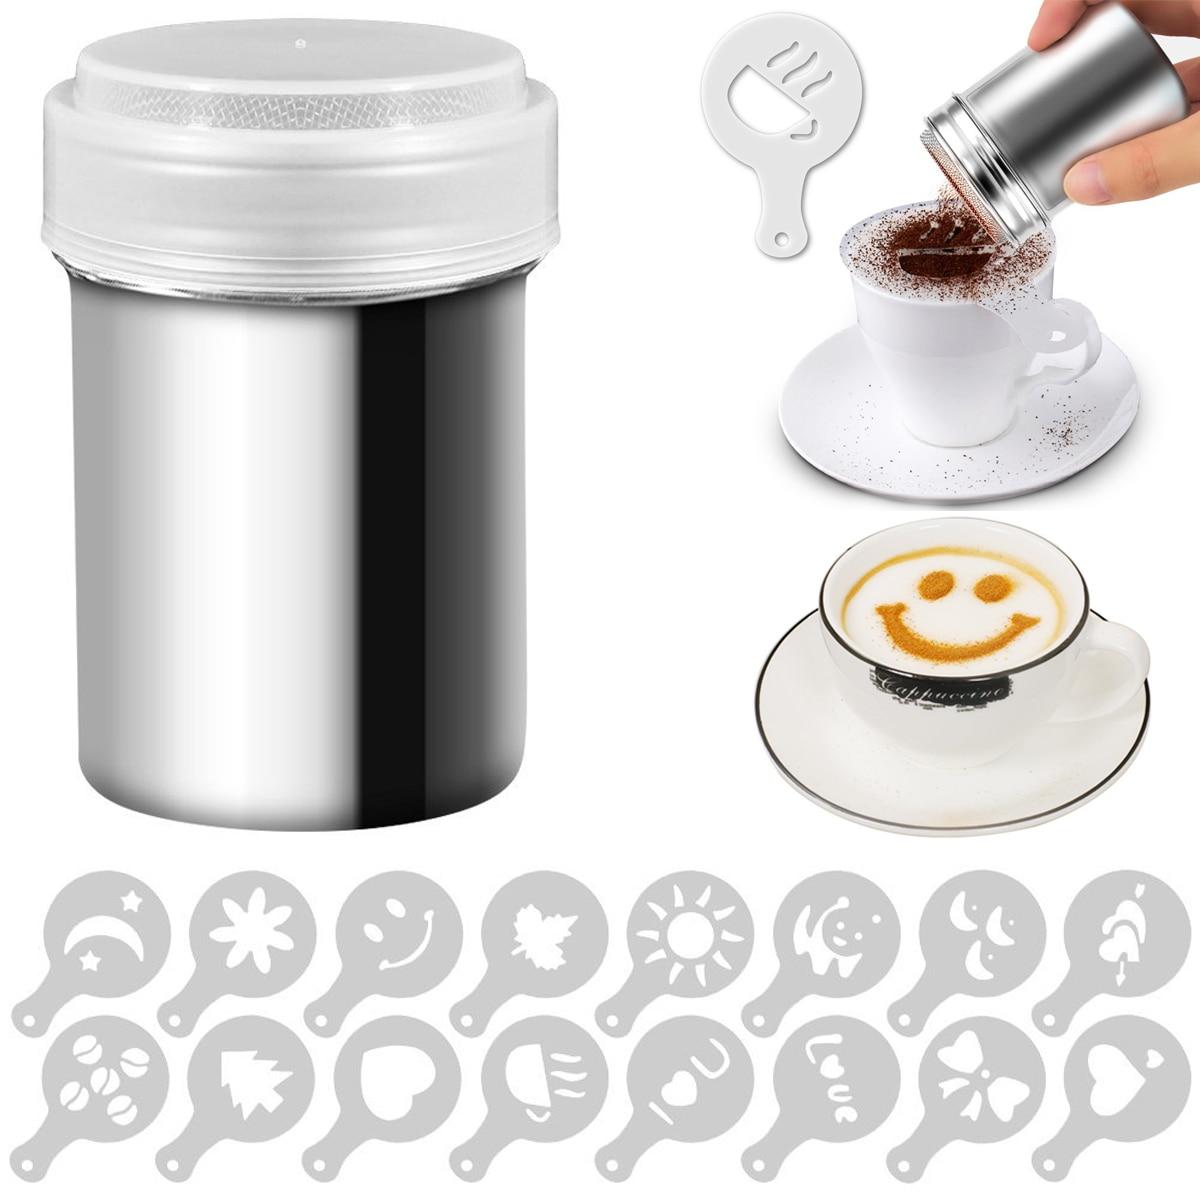 แม่พิมพ์ Cappuccino แฟนซีการพิมพ์ชุดโฟมสเปรย์เค้กน้ำตาลช็อกโกแลตโกโก้กาแฟการพิมพ์ AssemblyD40